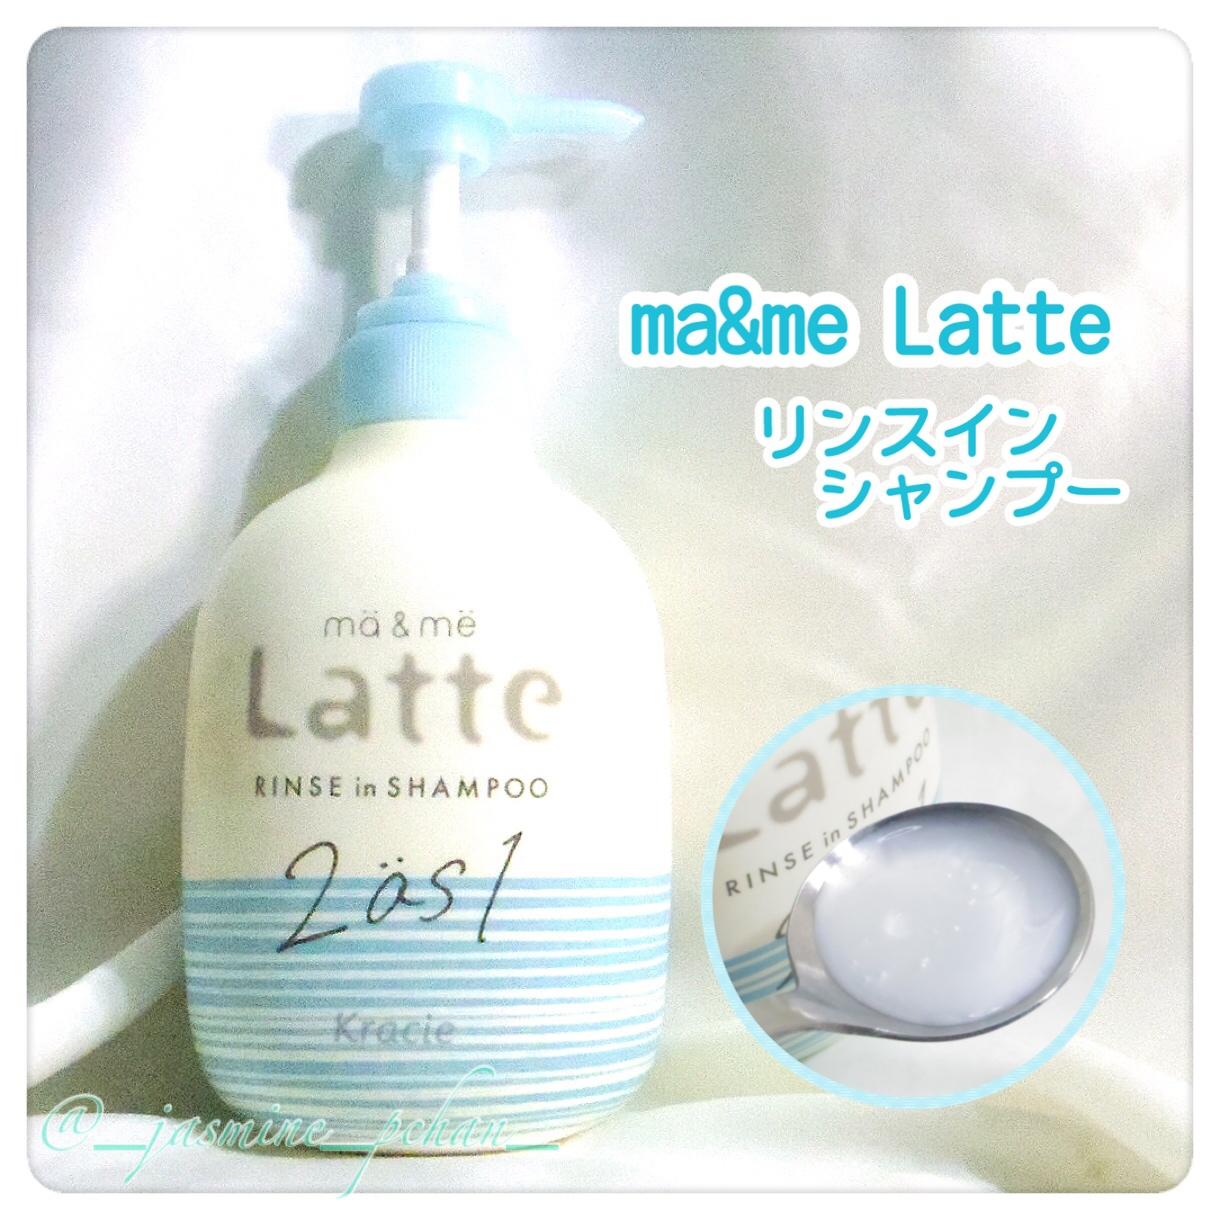 mä & më Latte(マー&ミー ラッテ)リンスインシャンプーを使ったぴい0130さんのクチコミ画像1